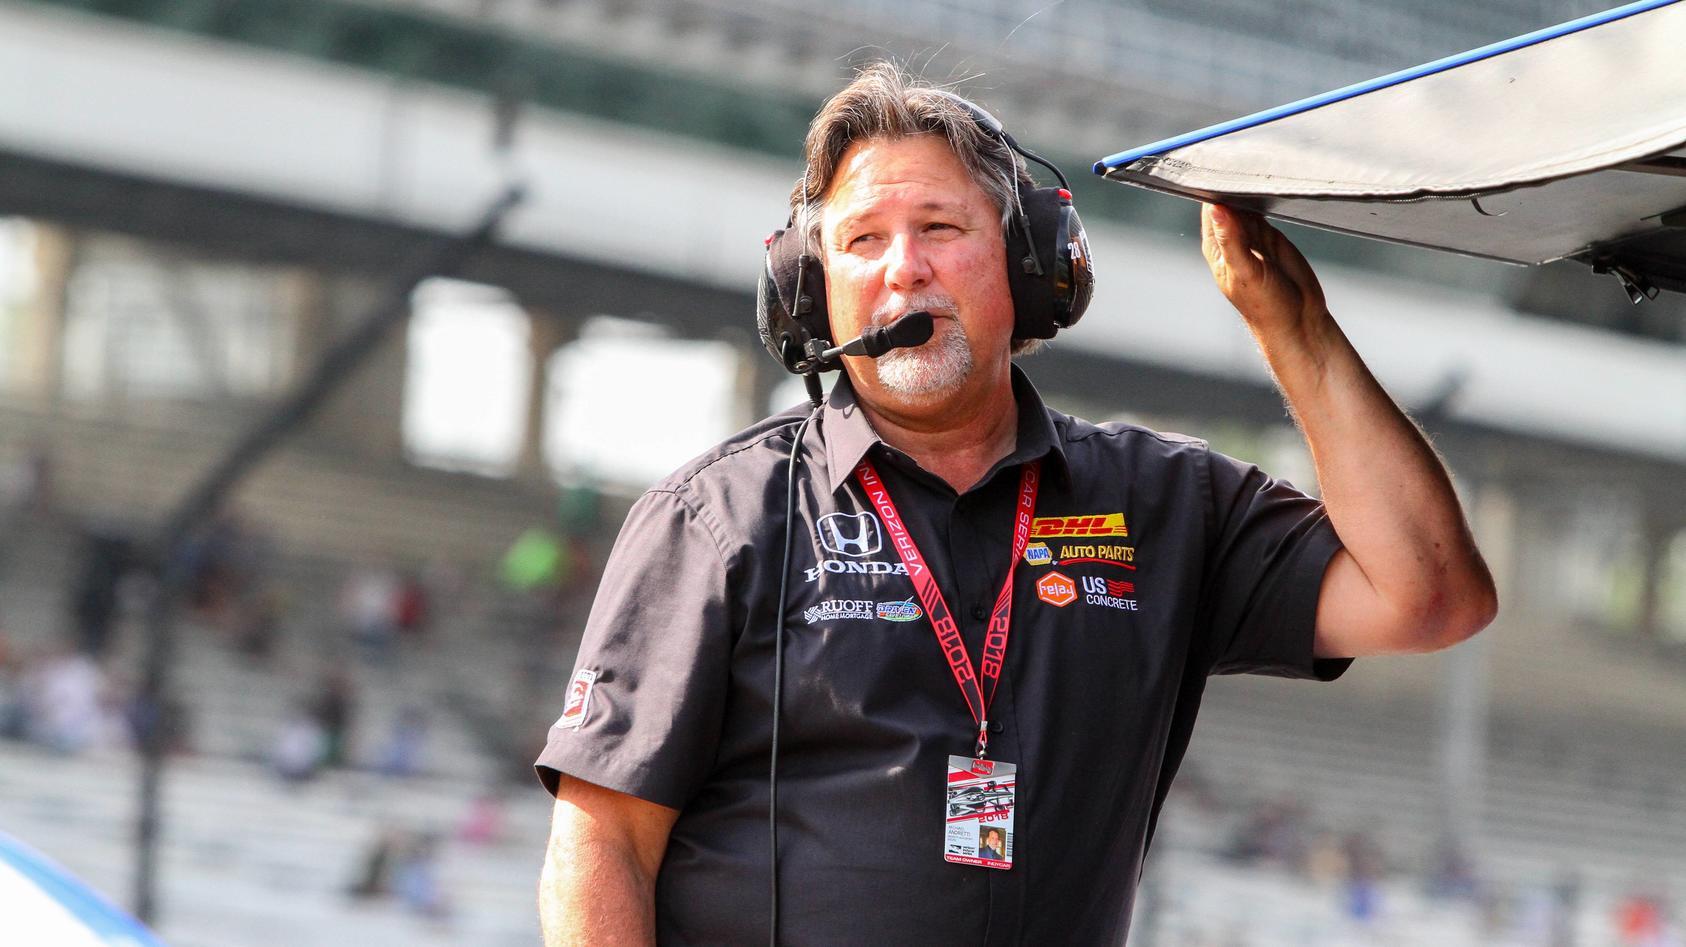 michael-andretti-im-us-motorsport-schon-ein-big-player-bald-wohl-auch-in-der-f1